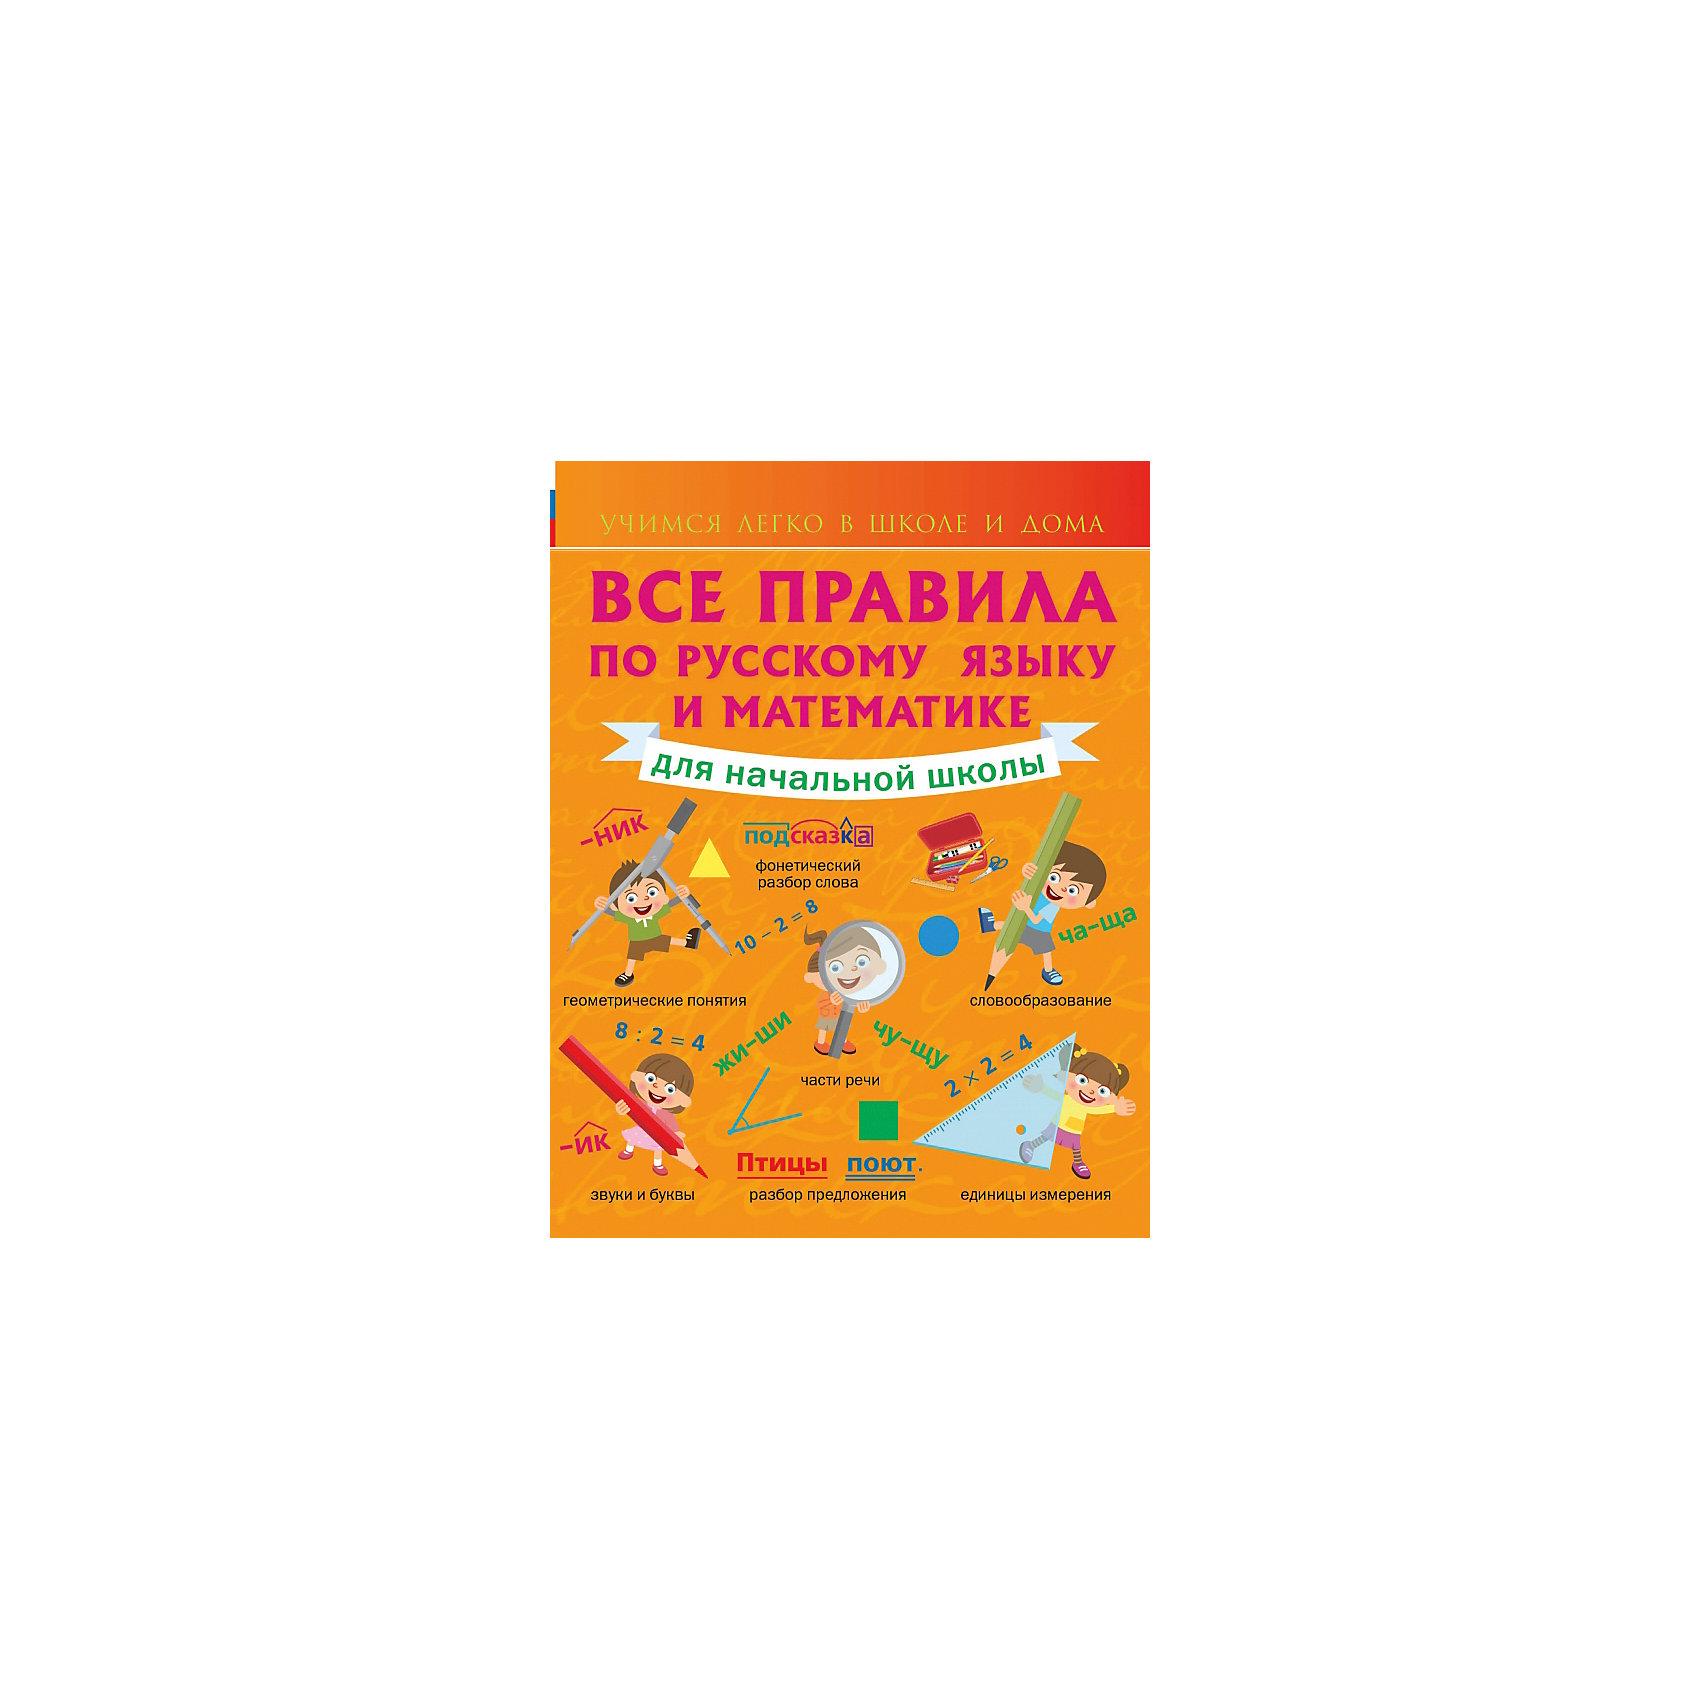 зимка а грамота в начальной школе книга для родителей Малыш Все правила по русскому языку и математике для начальной школы